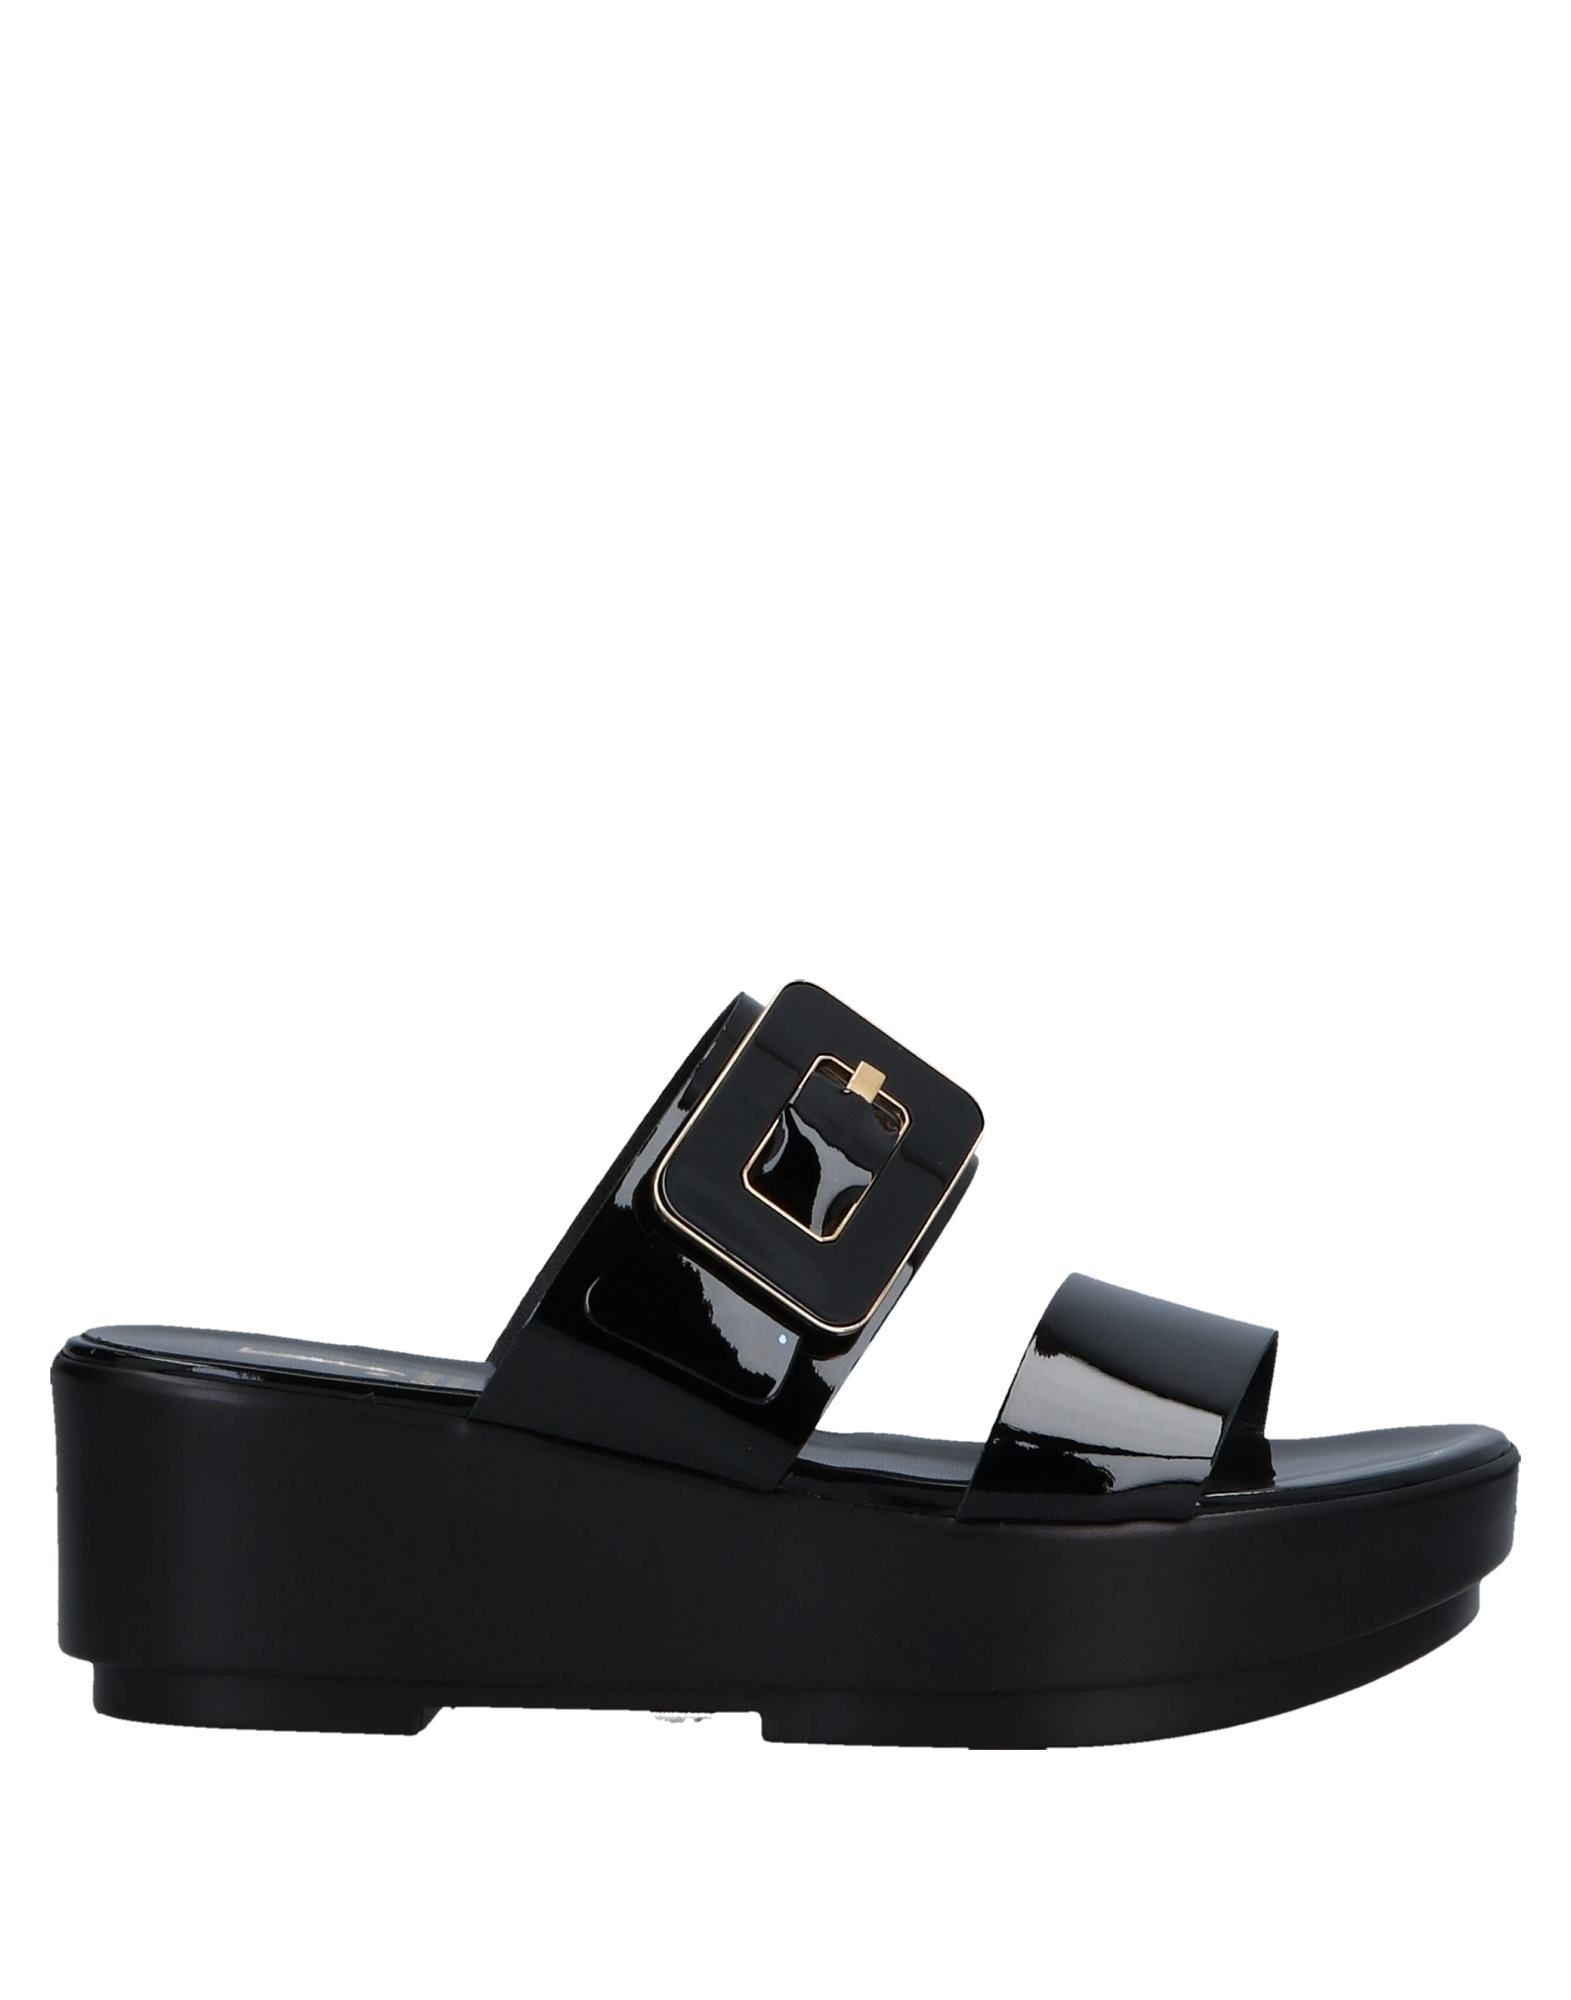 Jeannot Sandalen Damen  11521940UP Gute Qualität beliebte Schuhe